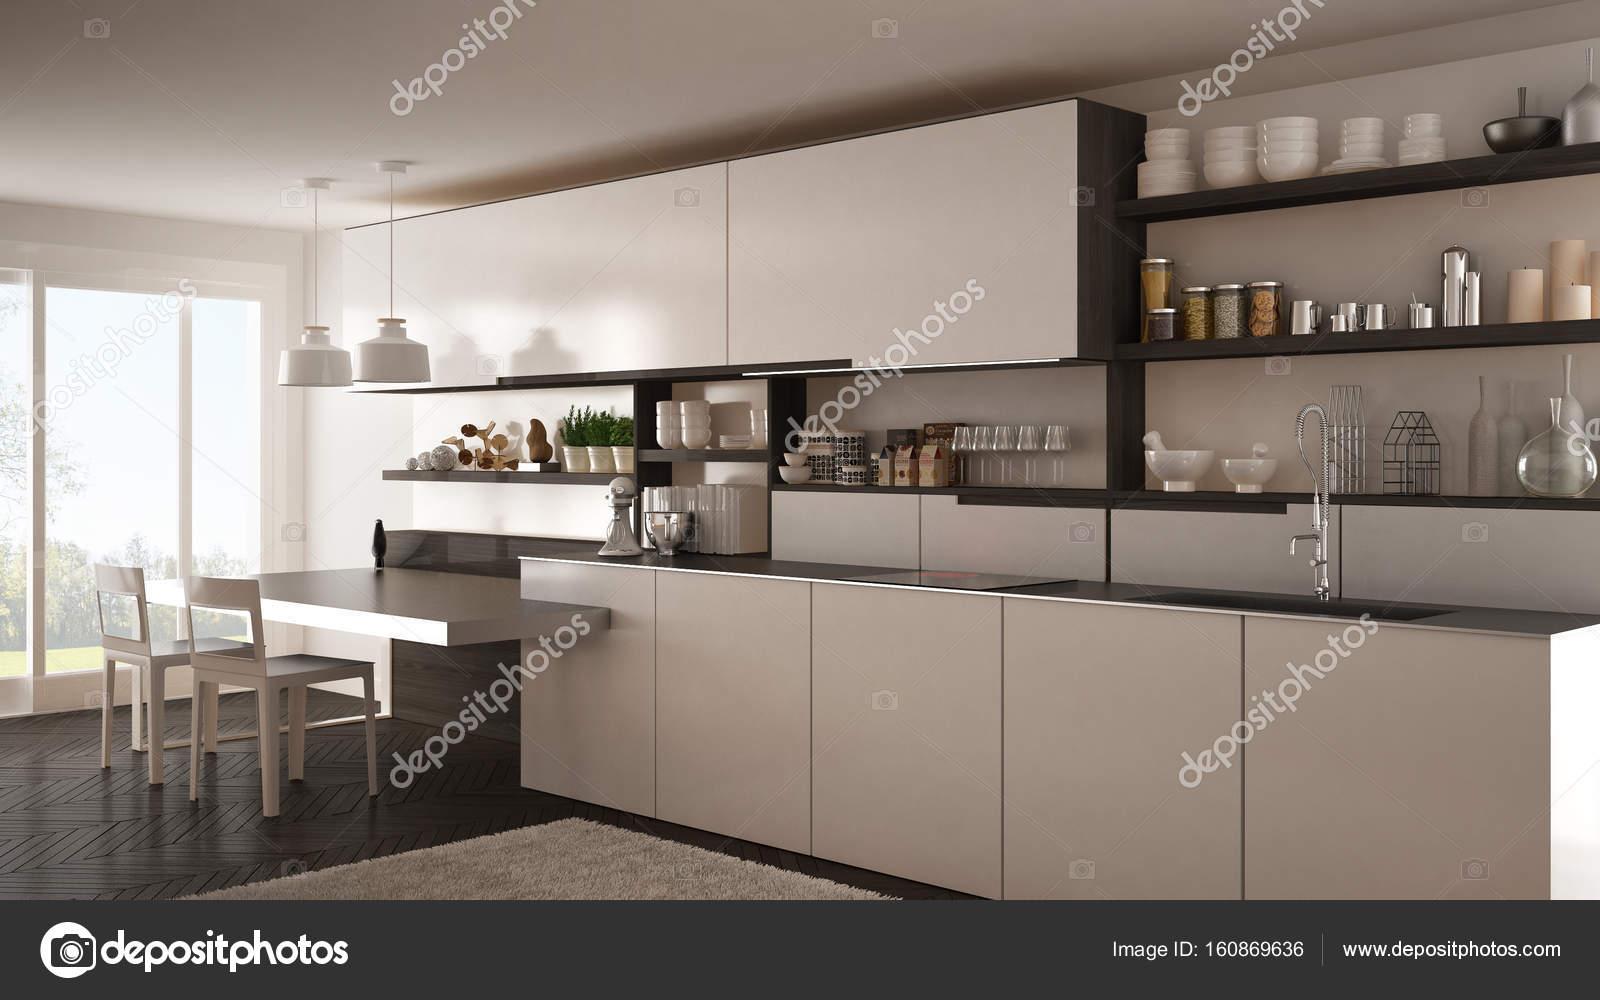 Cadeiras Cozinha Modernas Cozinha Pequena Com Bancada Central With